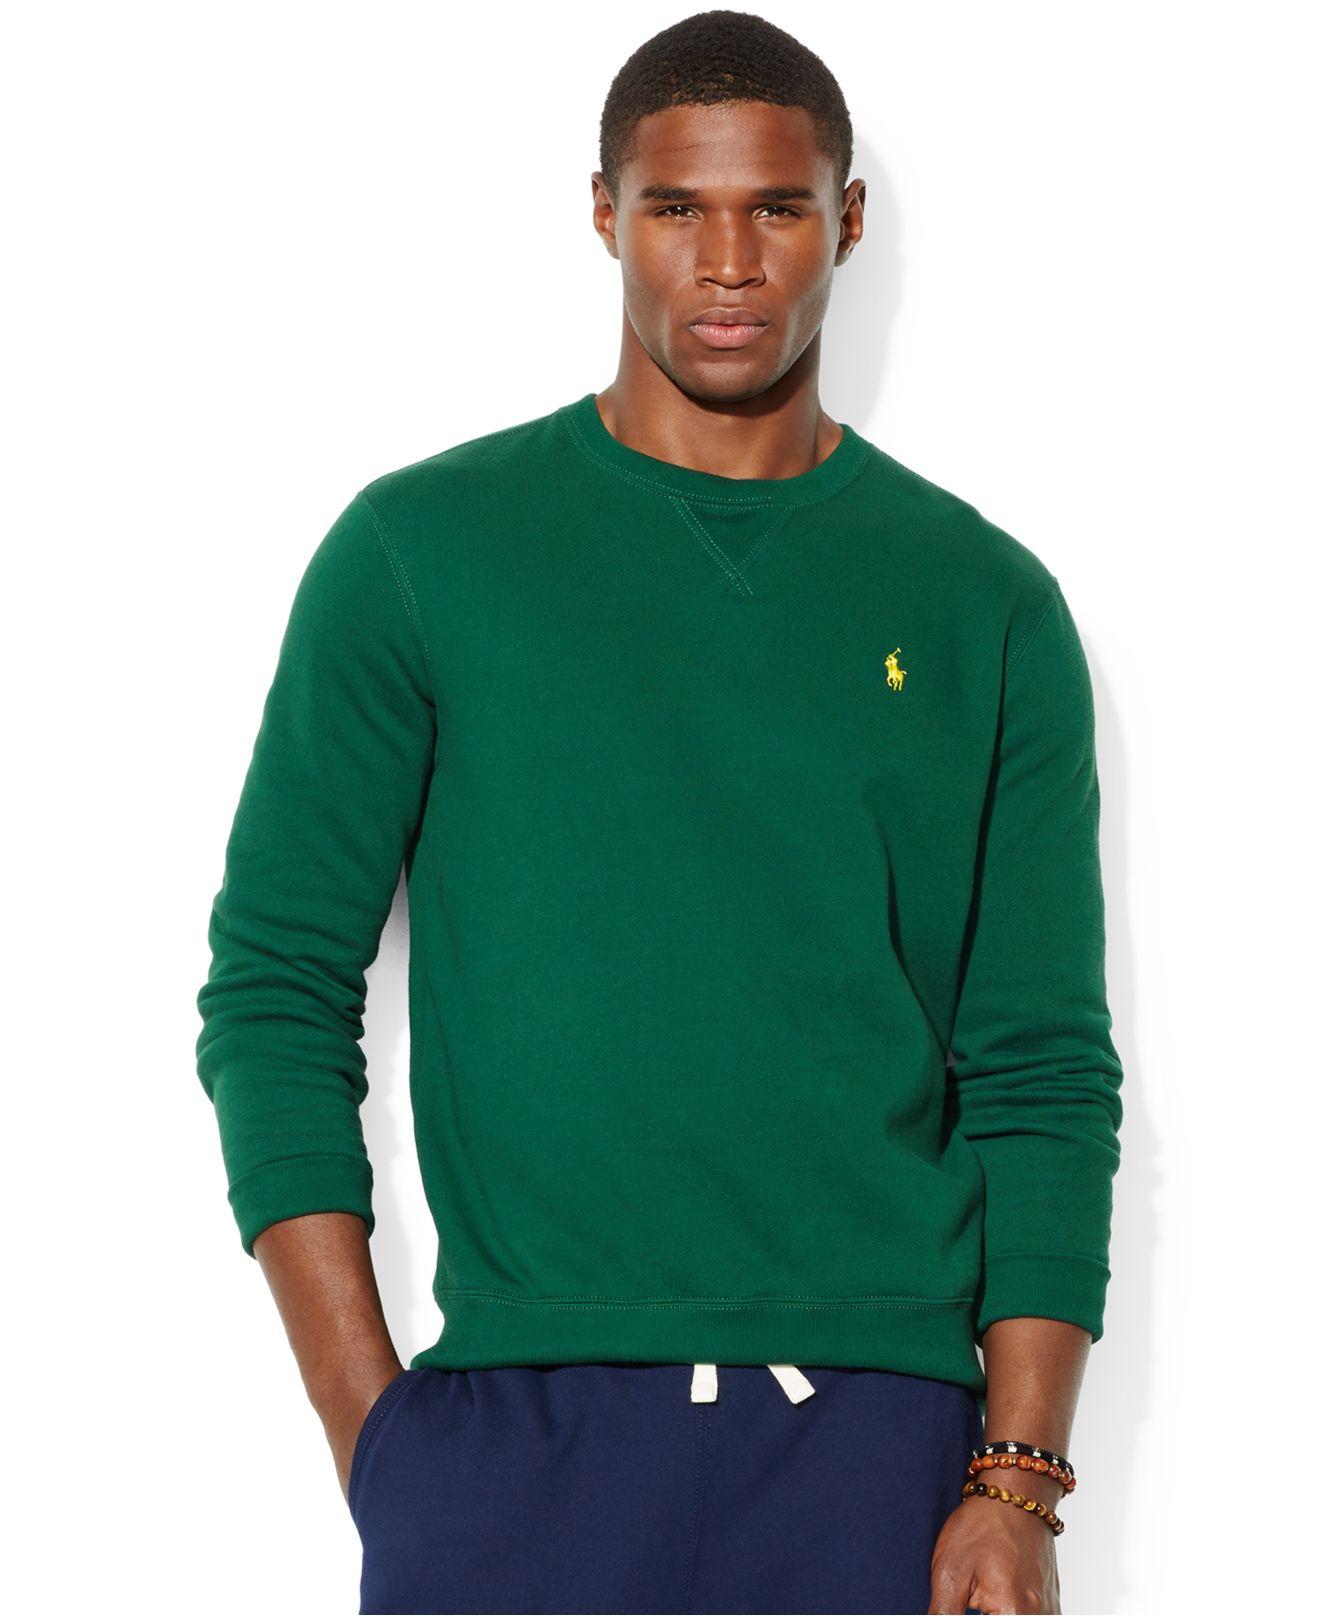 Polo Ralph Lauren Green Button Up Sweater Sandals Sporting Goods